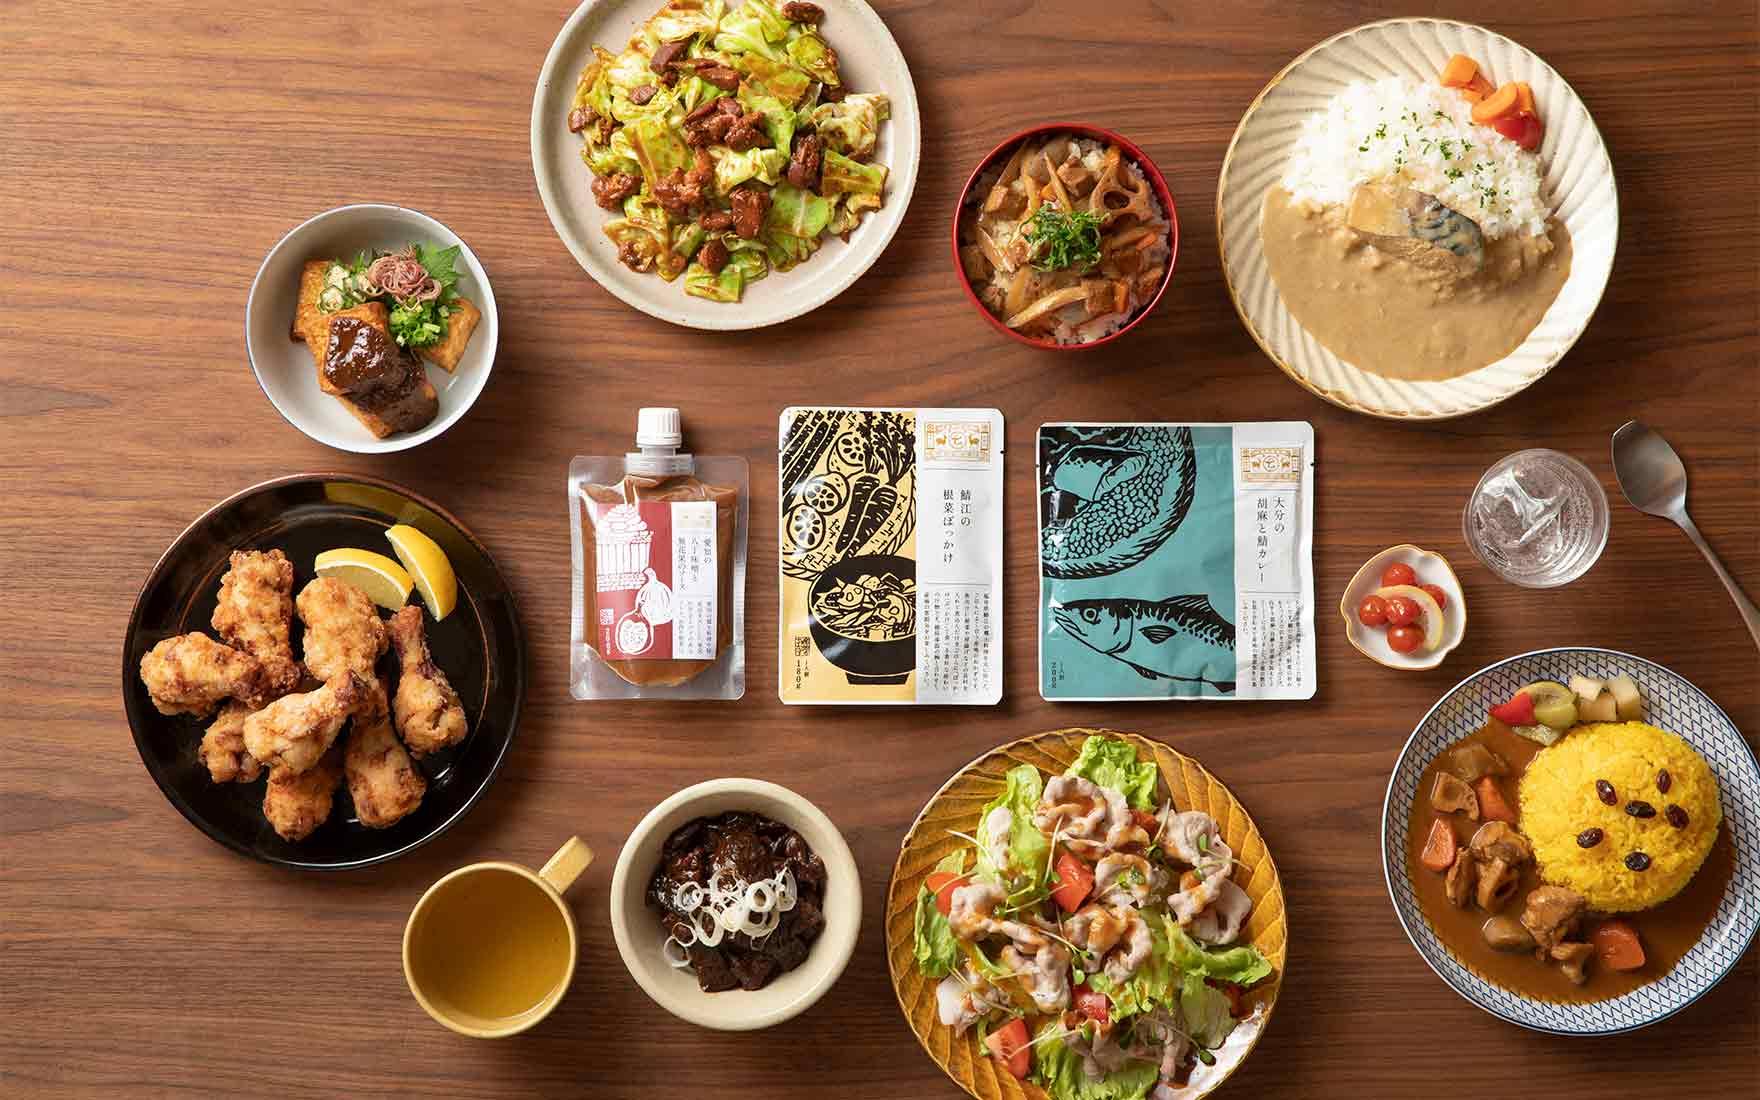 産地から学んだ日本の食を、食卓で。「産地のごはん」シリーズのすすめ